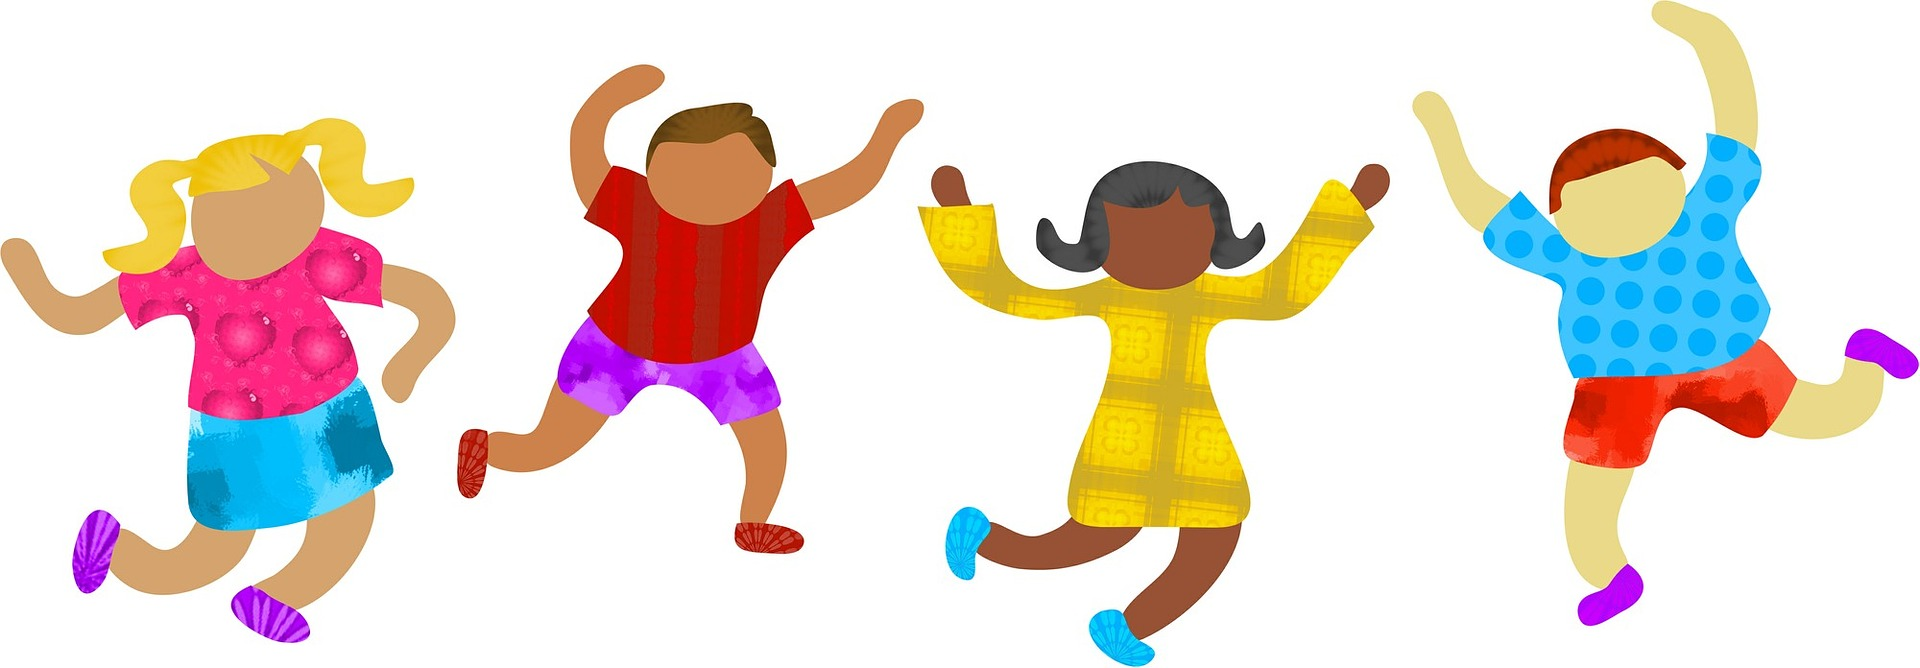 mundo-maxico-fiestas-infantiles-hinchables-arousa-cantajuegos